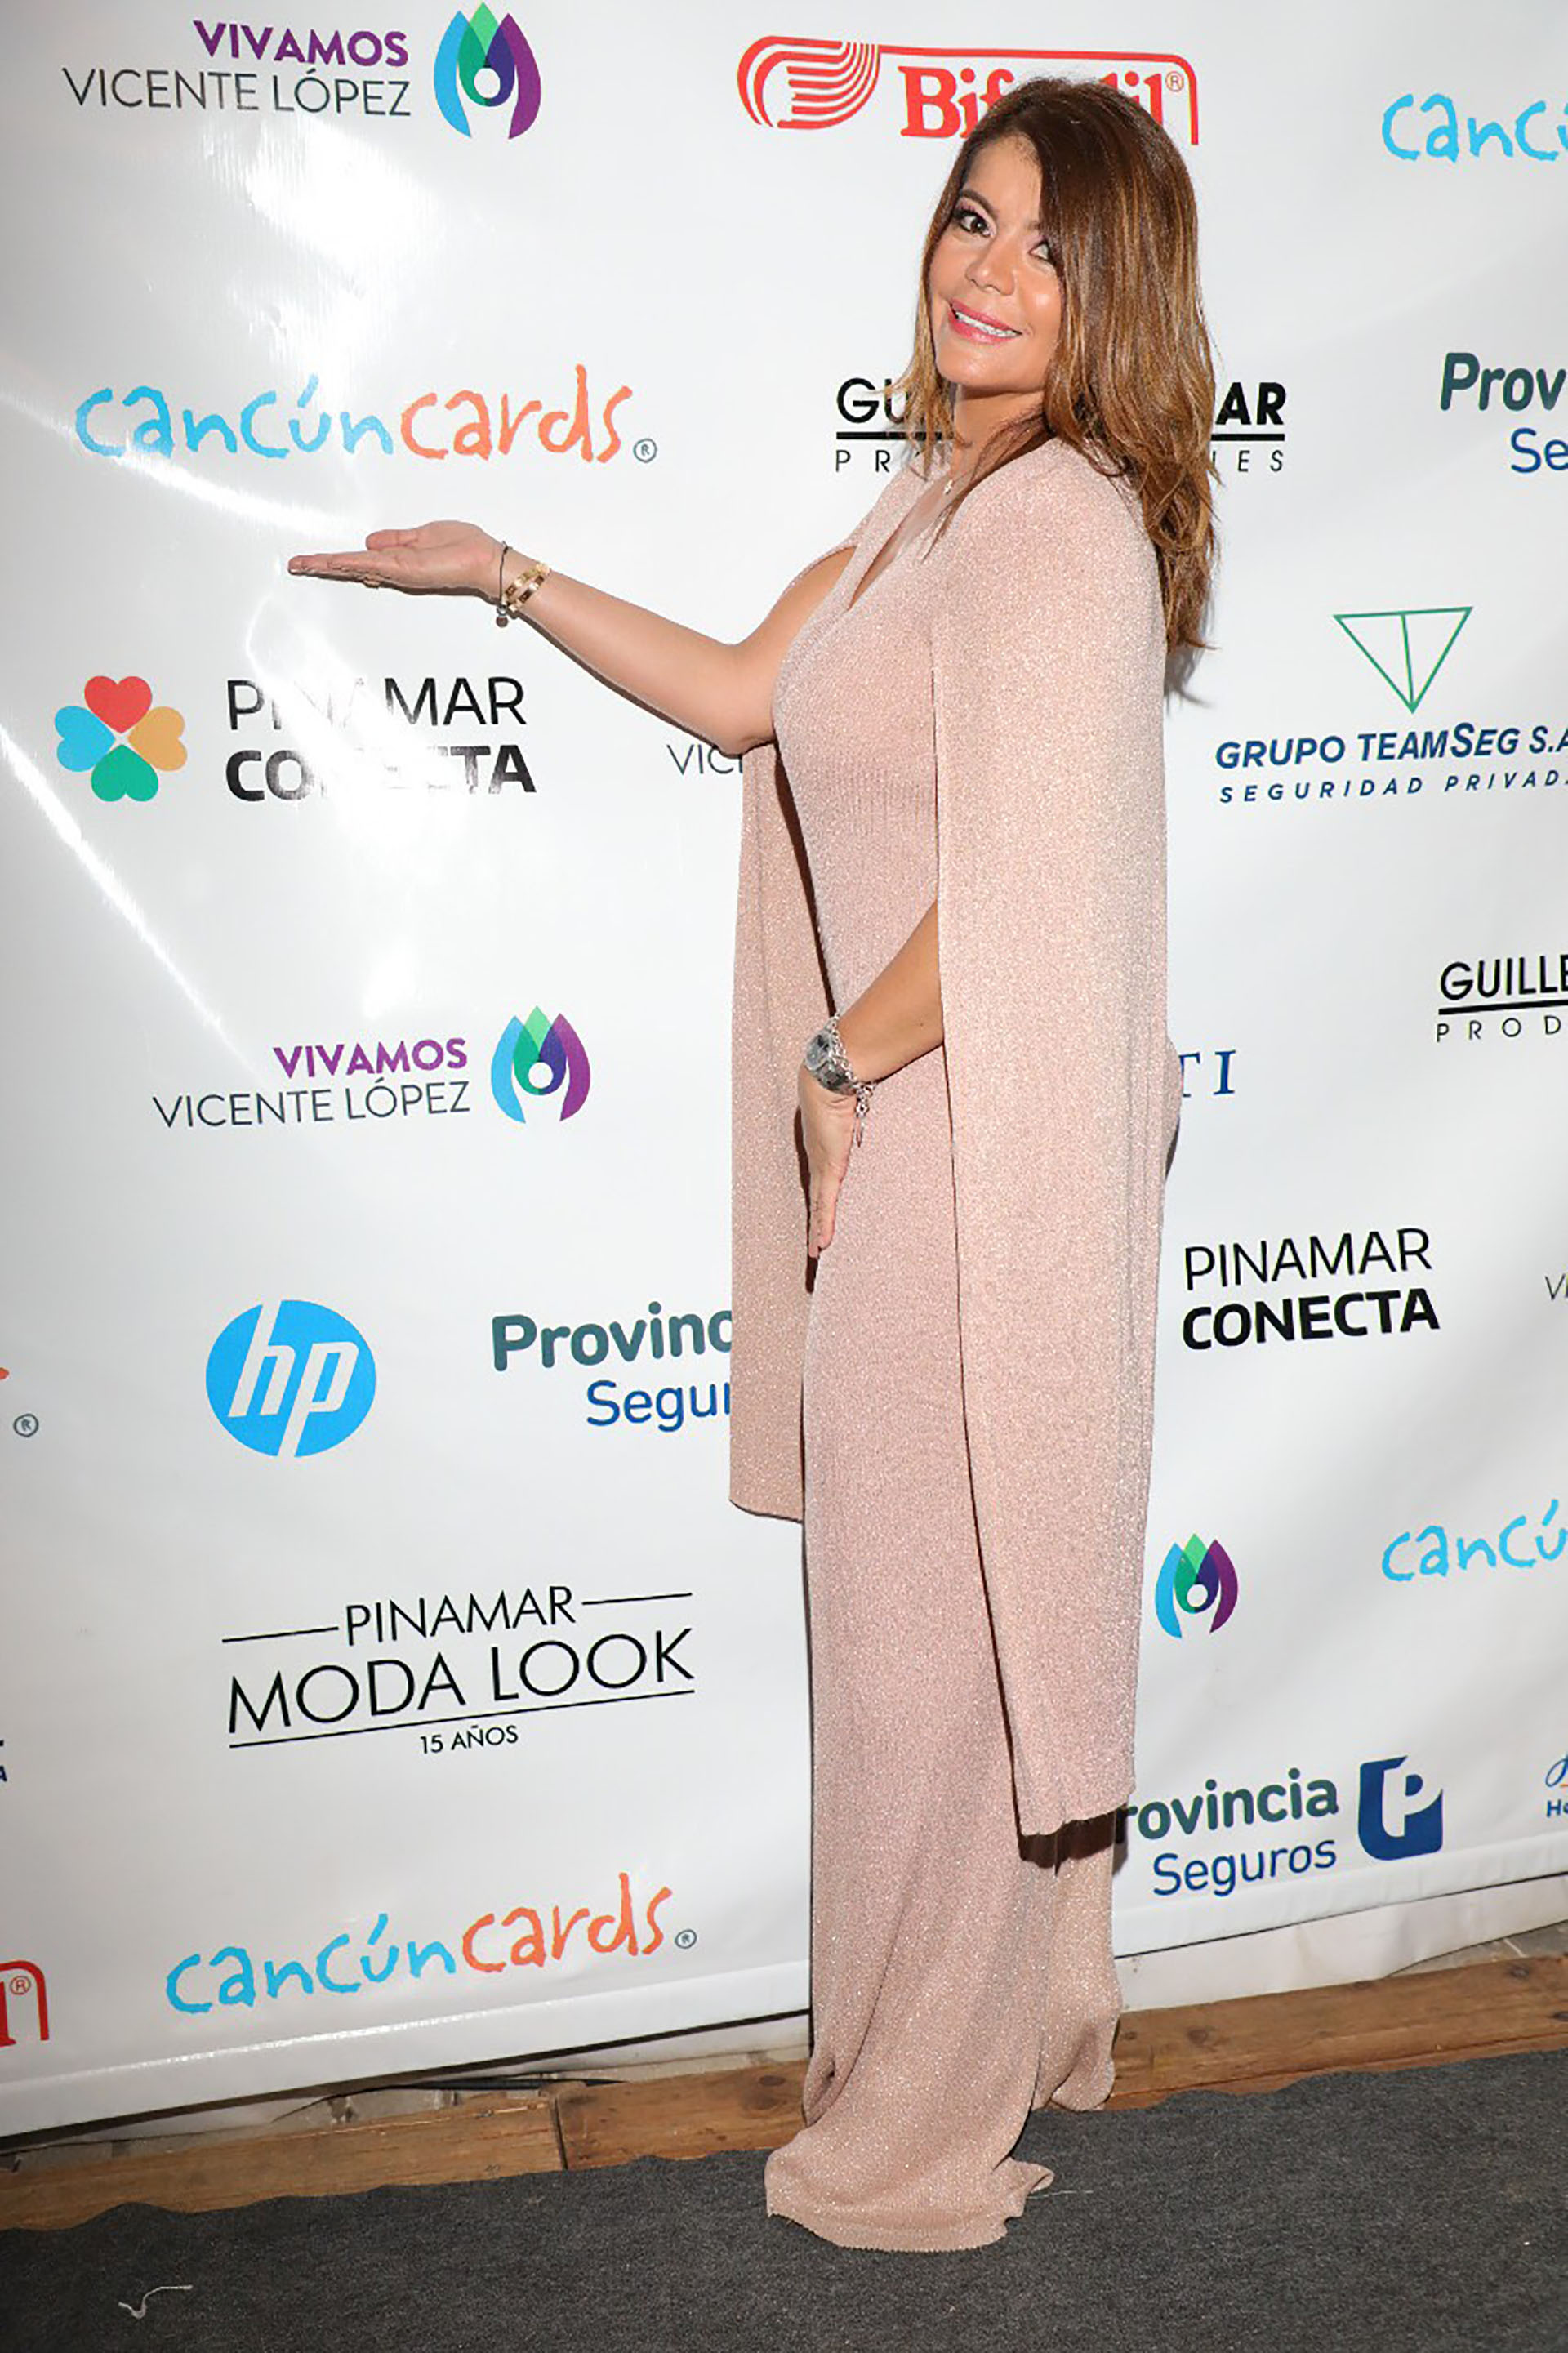 Erika Garcia, embajadora de Cancún Cards, en Pinamar Moda Look 2019